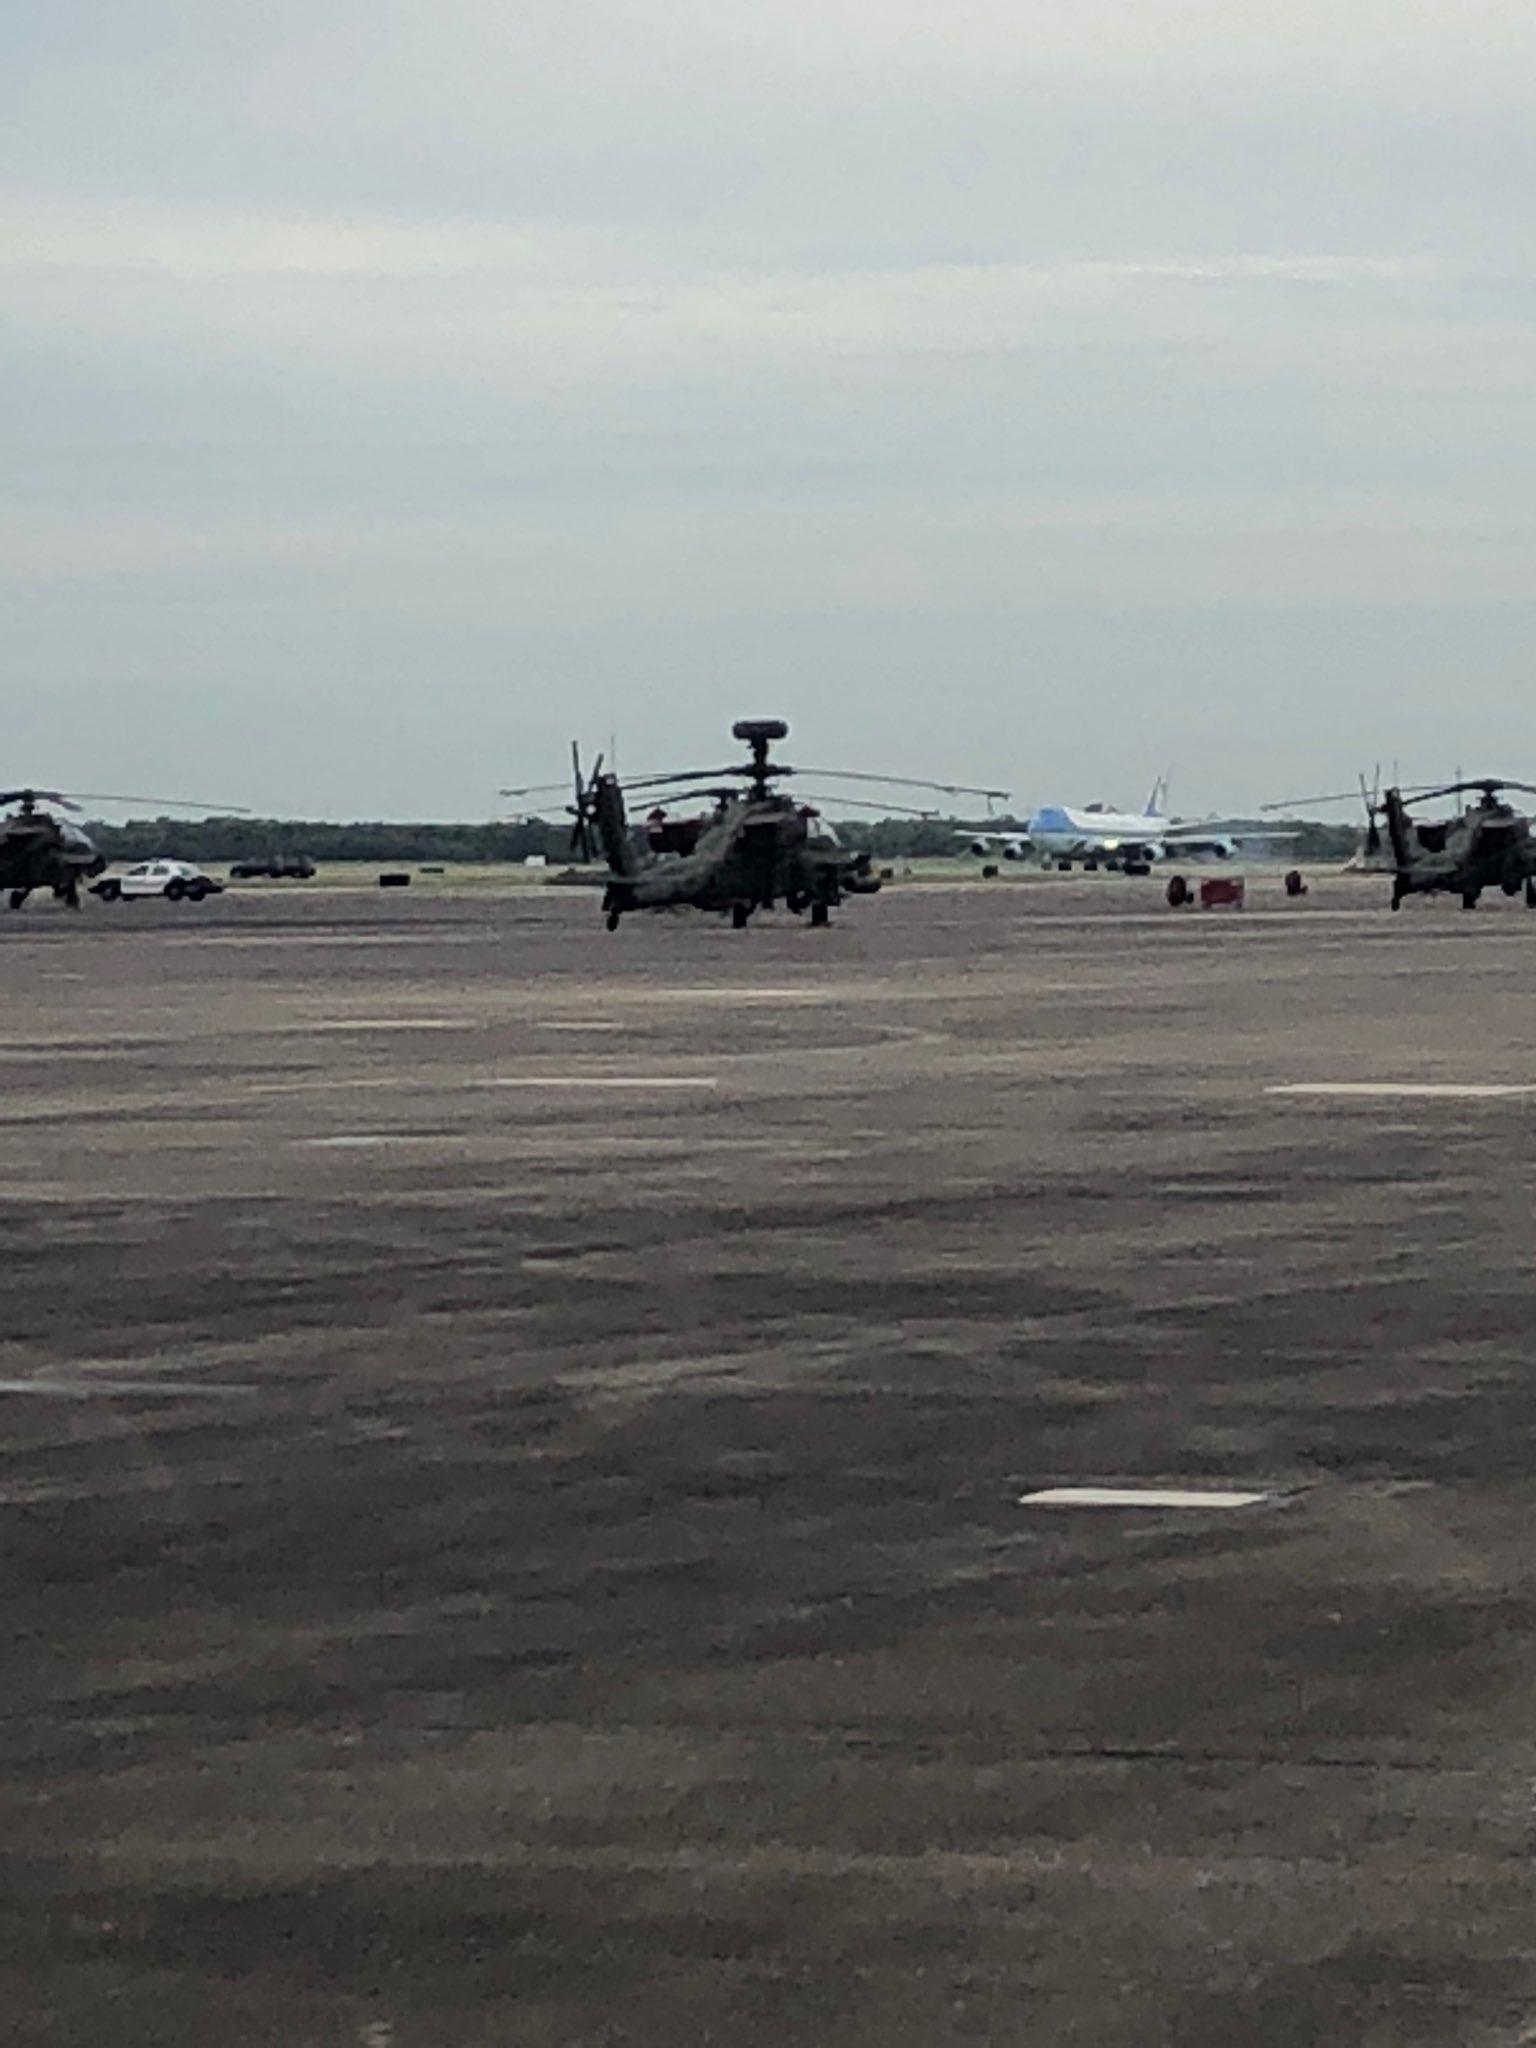 AF1, landed at Ellington Field. https://t.co/qFBJutQBJ3